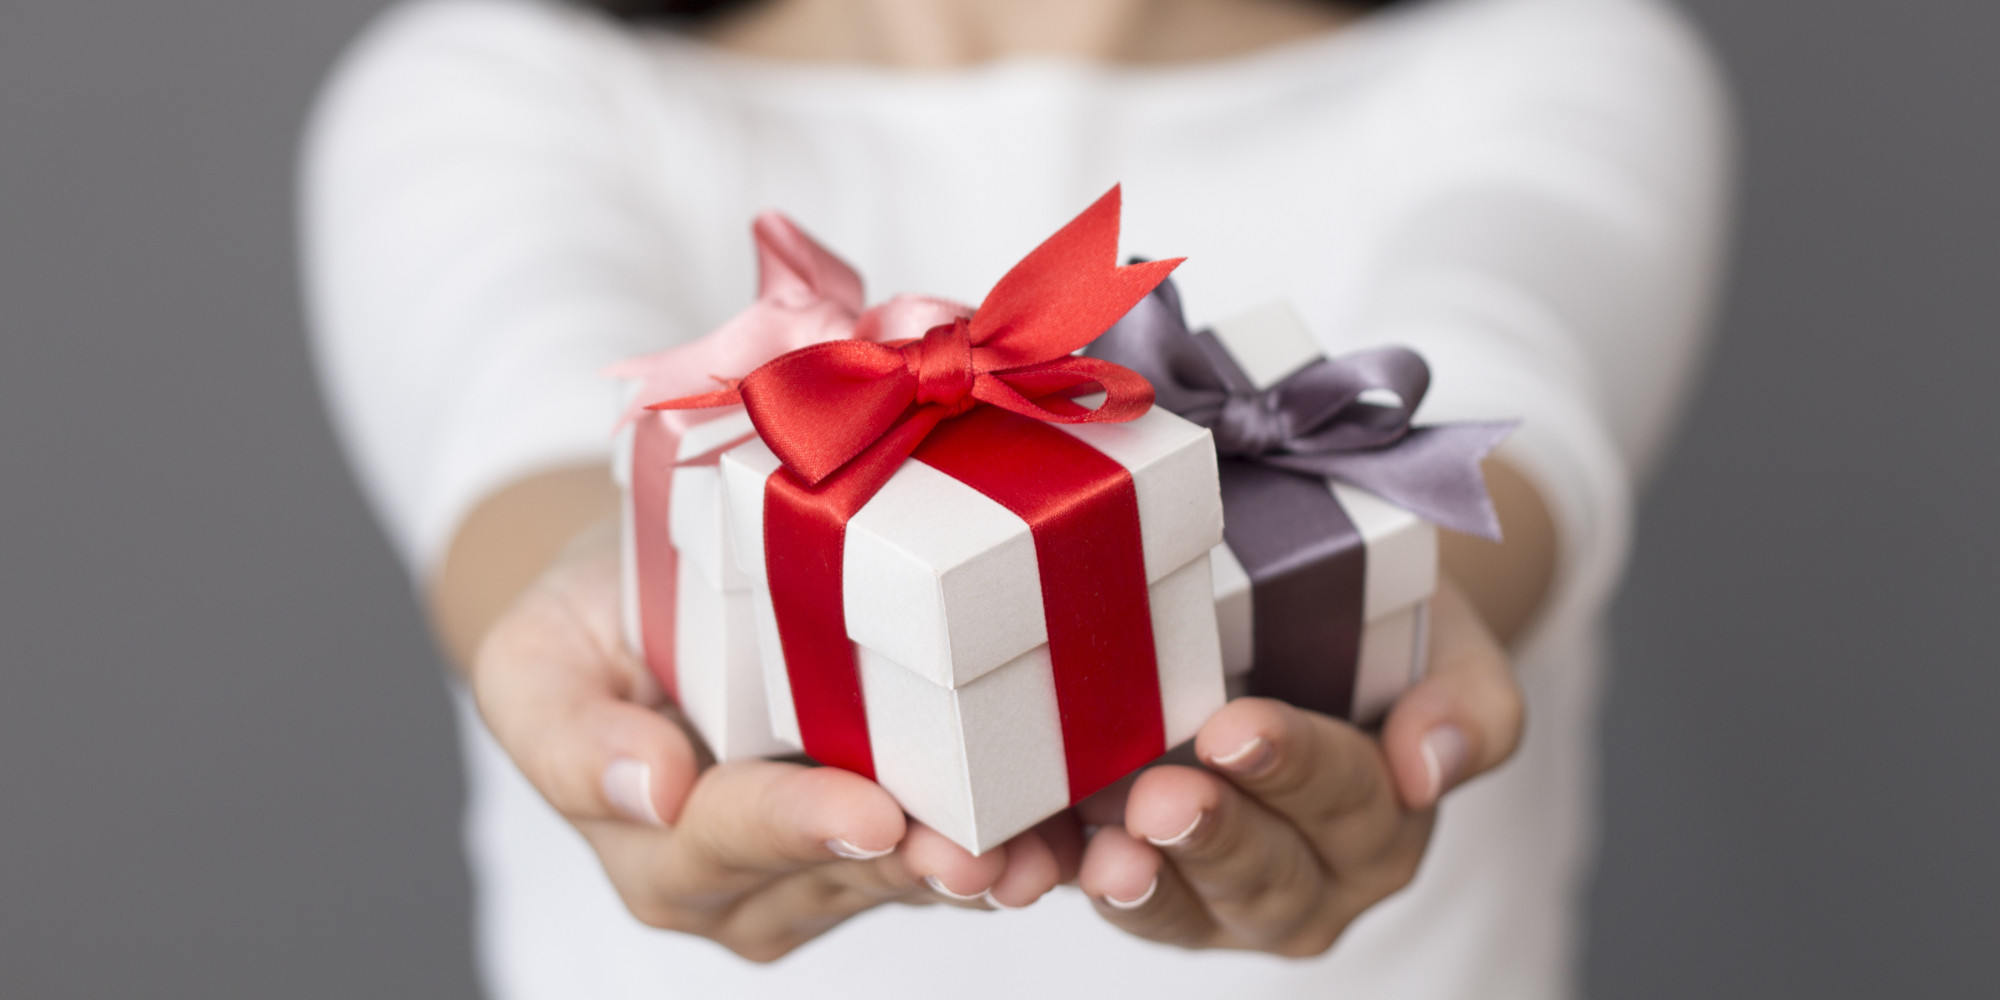 Как сделать так, чтобы мужчина захотел дарить подарки? - Elle 43